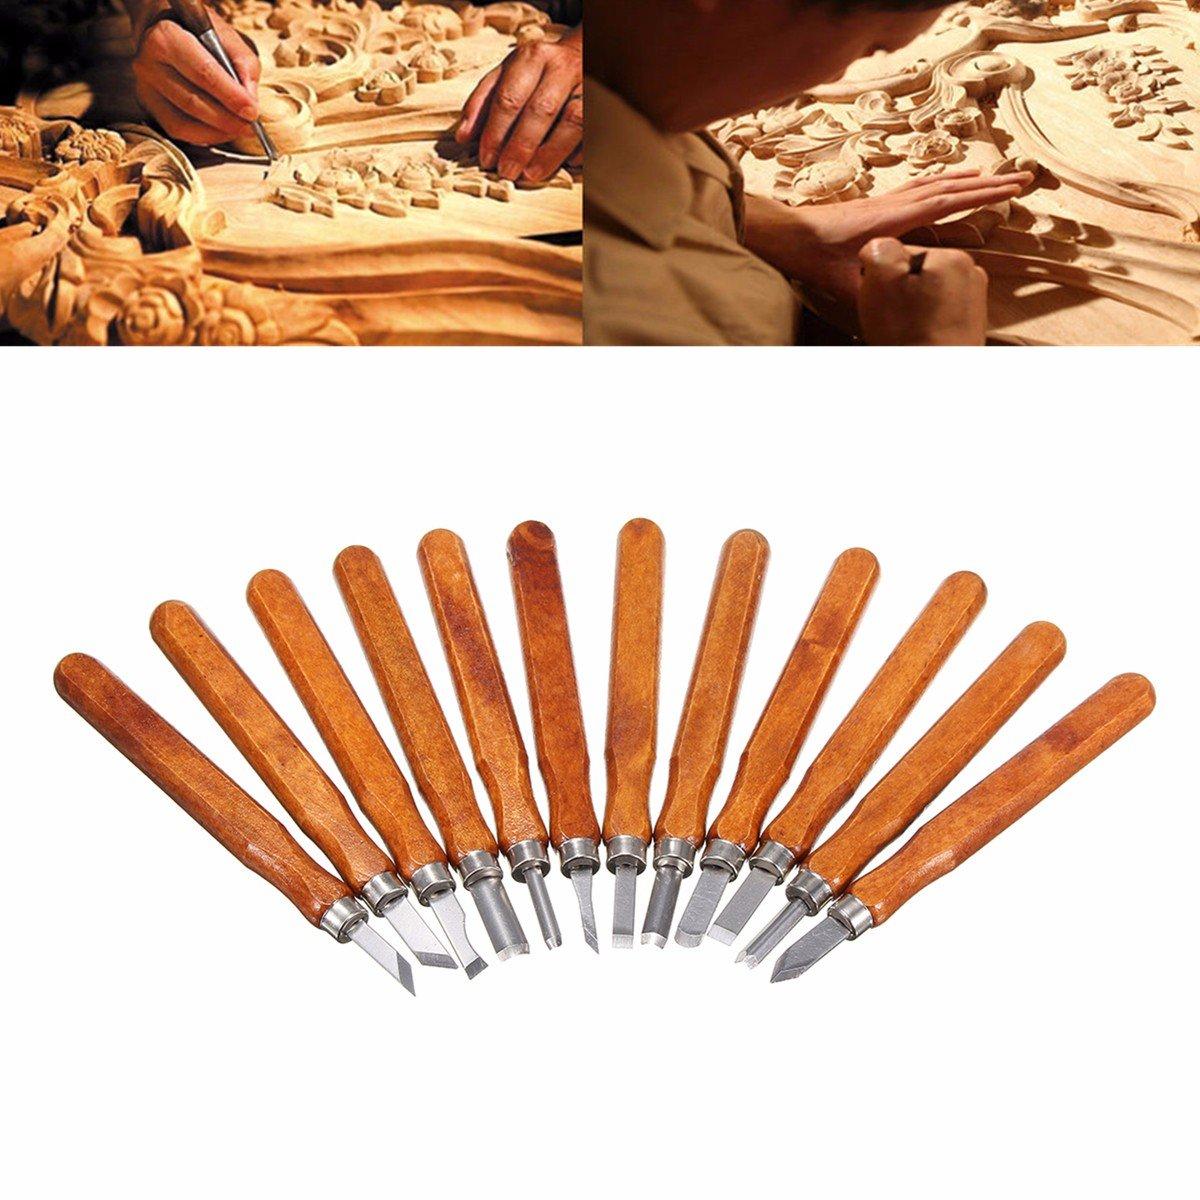 Ciseaux à Bois, GOCHANGE 12 Pièces Pyrograveur sur Bois/Main Gravure sur Bois, Couteaux à Découper pour Sculpteur, Charpentier, Amateur, Poterie, Cire product image